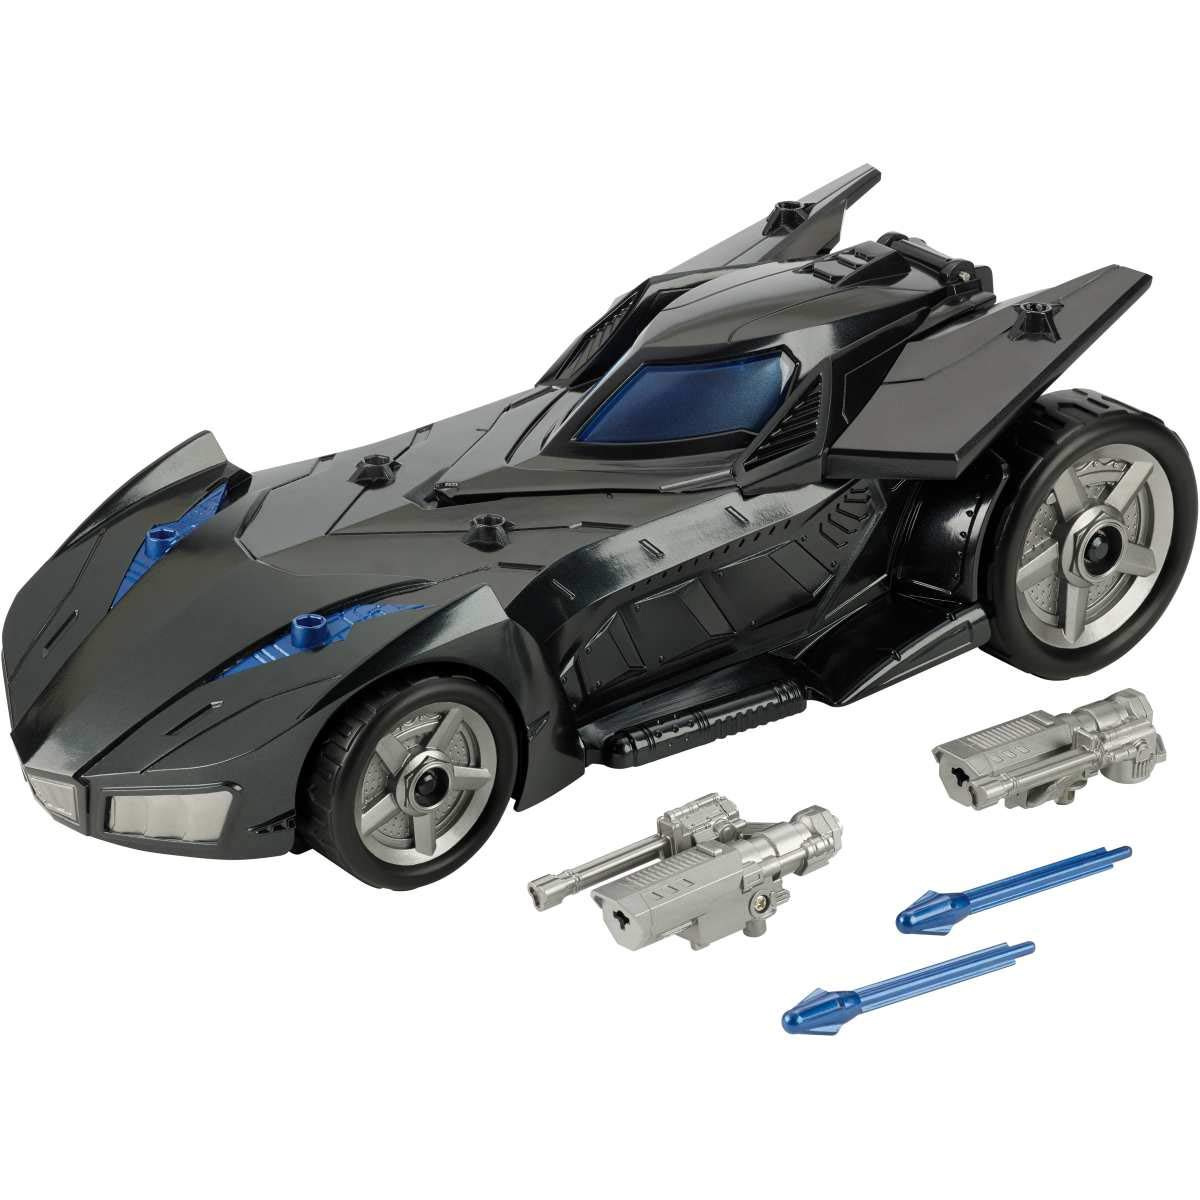 Batman Missions Missile Launcher Batmobile Vehicle by DC Comics